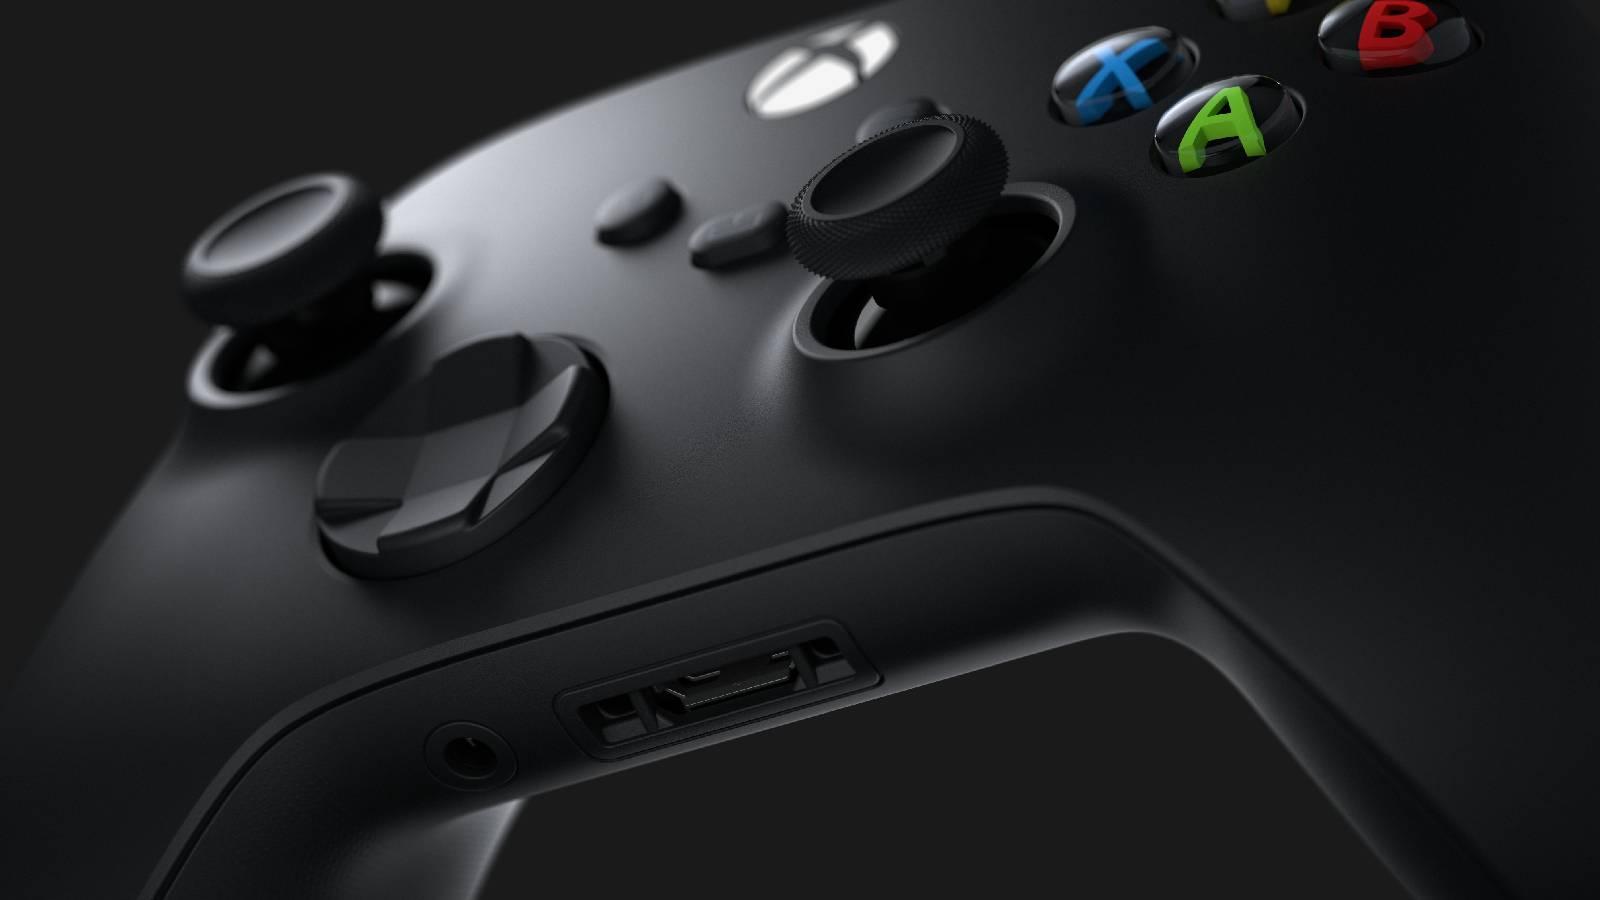 Photo of Microsoft : ليس من الضروري أن تعمل كل الألعاب بسرعة 60 إطار على جهاز Xbox Series X .